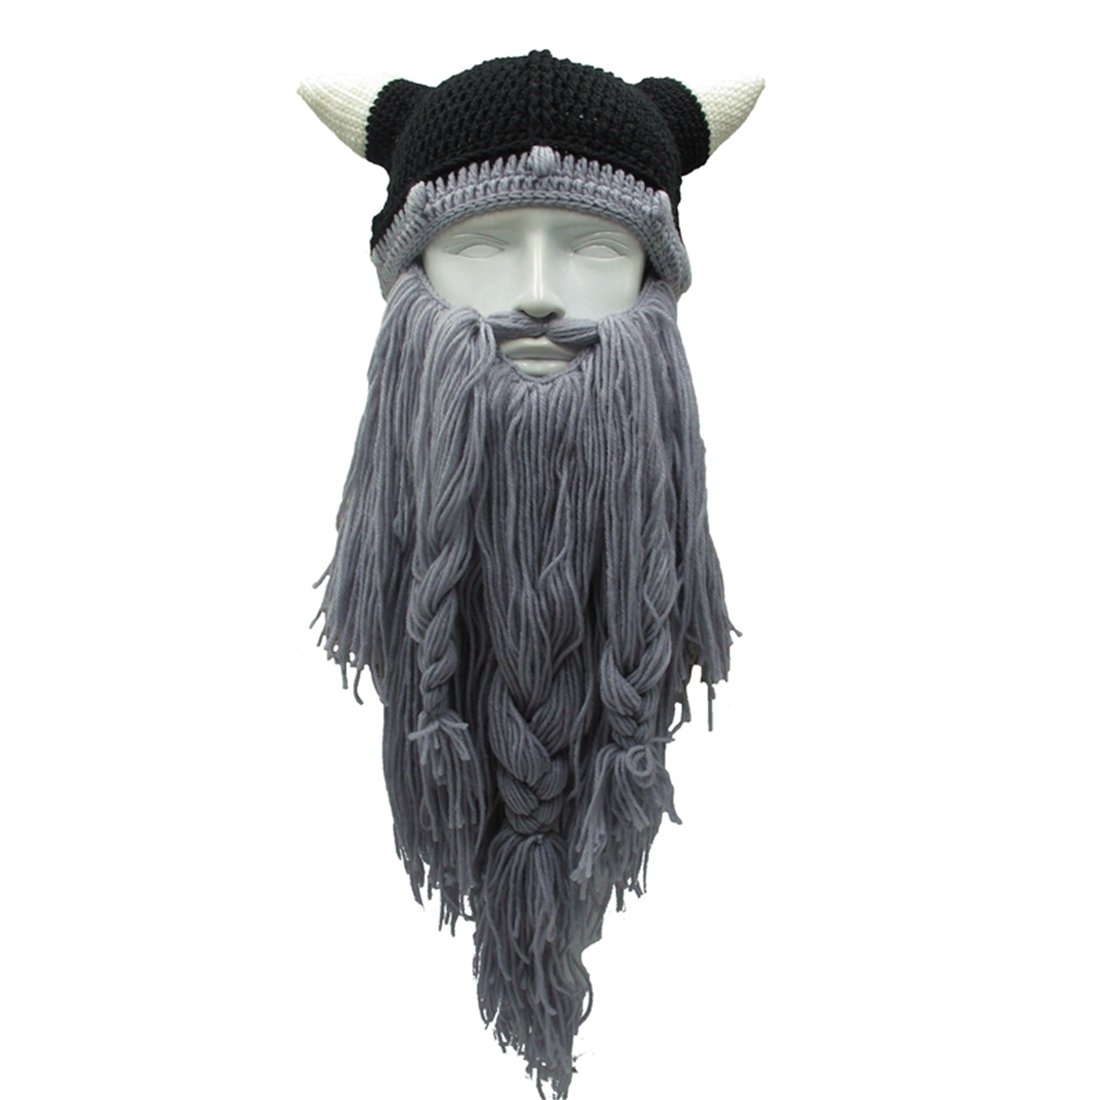 a518bb70 Cheap Beard Head Knit Cap, find Beard Head Knit Cap deals on line at ...